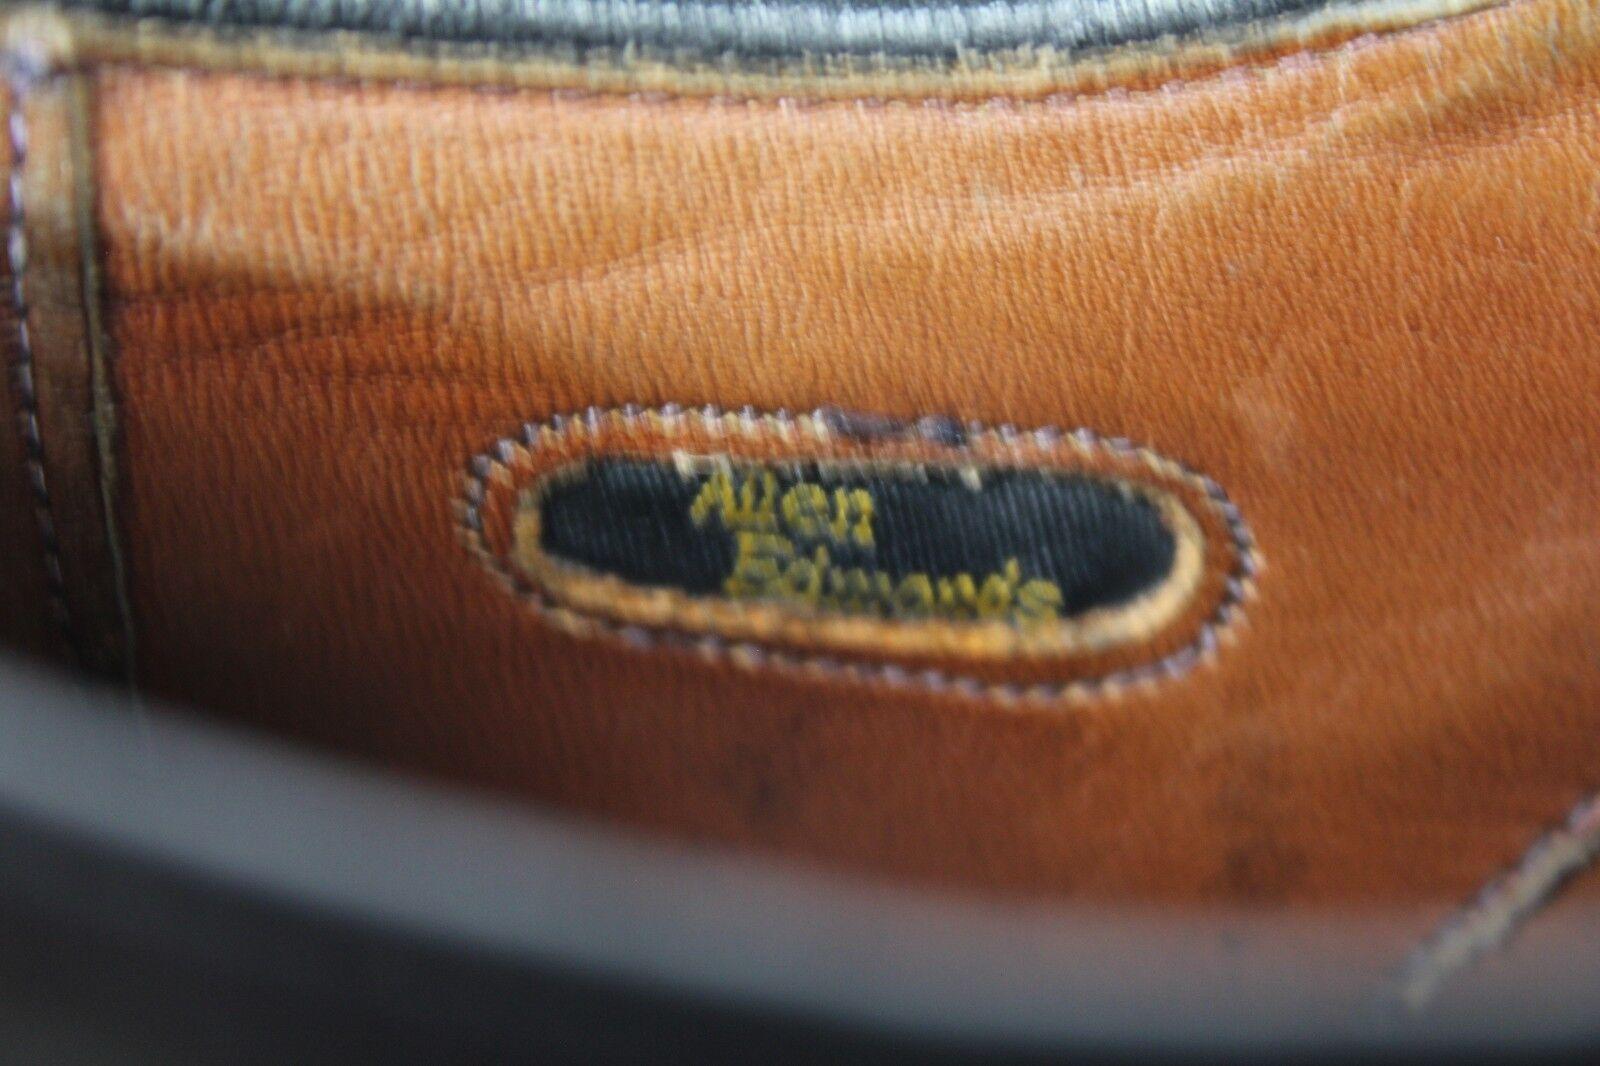 Allen Edmonds Budapester Budapester Budapester   pieno VERA PELLE NERO eu:42, 5-us:9d made in  A d93d0d